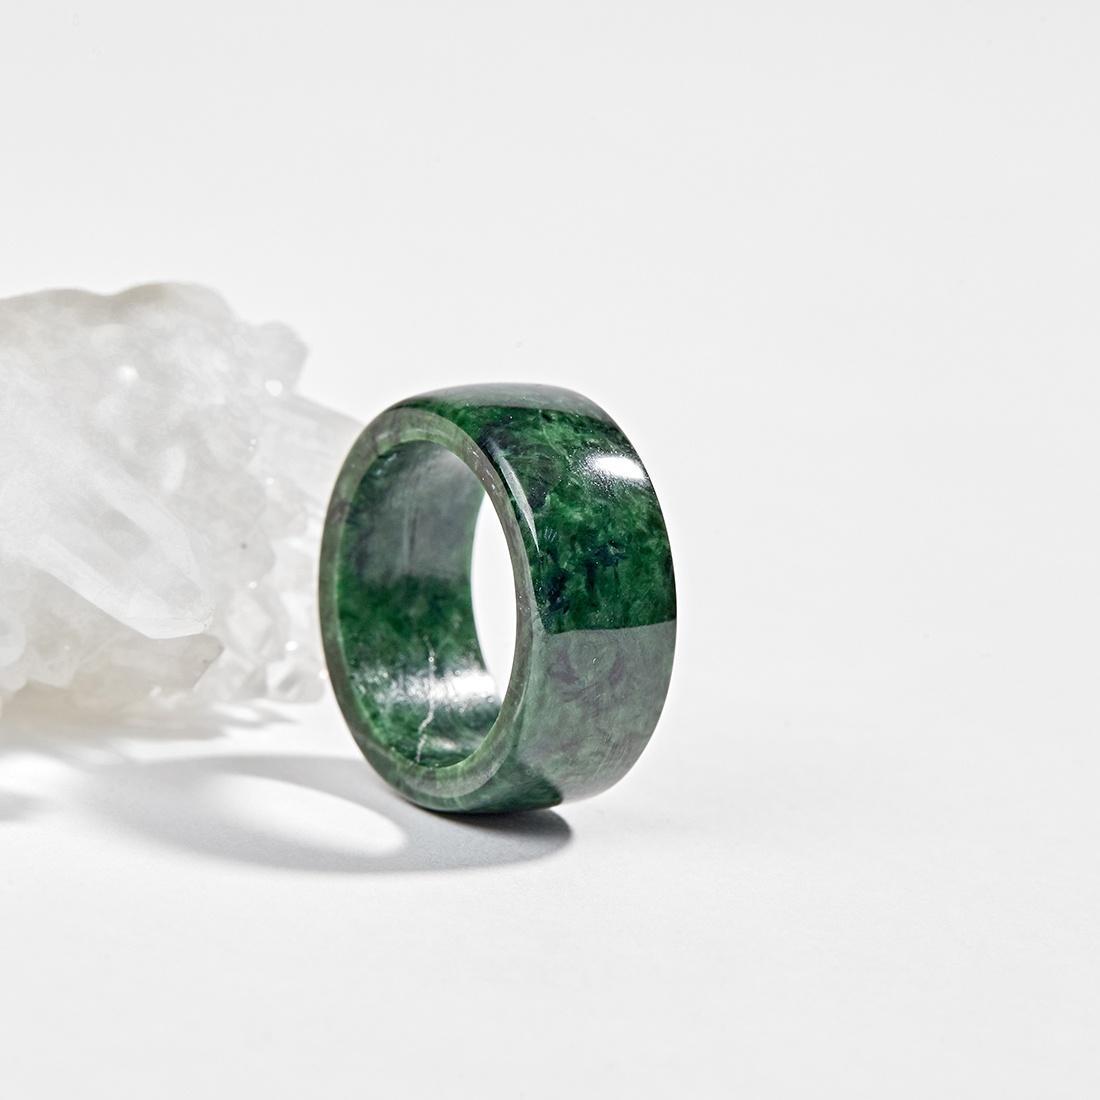 Nhẫn cẩm thạch nữ có ý nghĩa gì? - 1